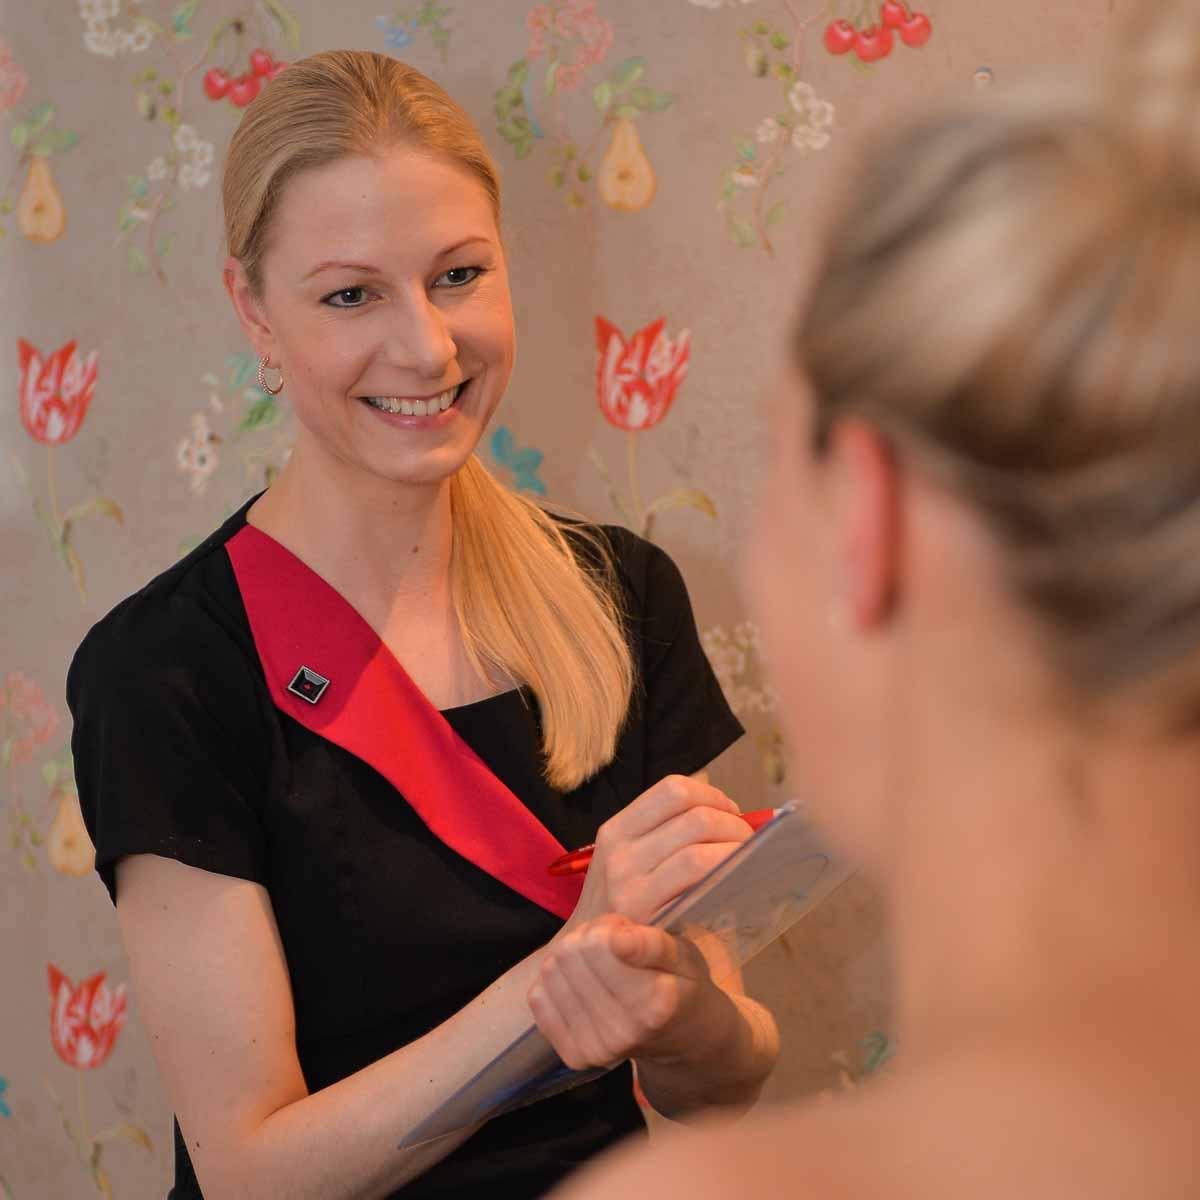 Susanne Westermann Kosmetik München im Gespräch